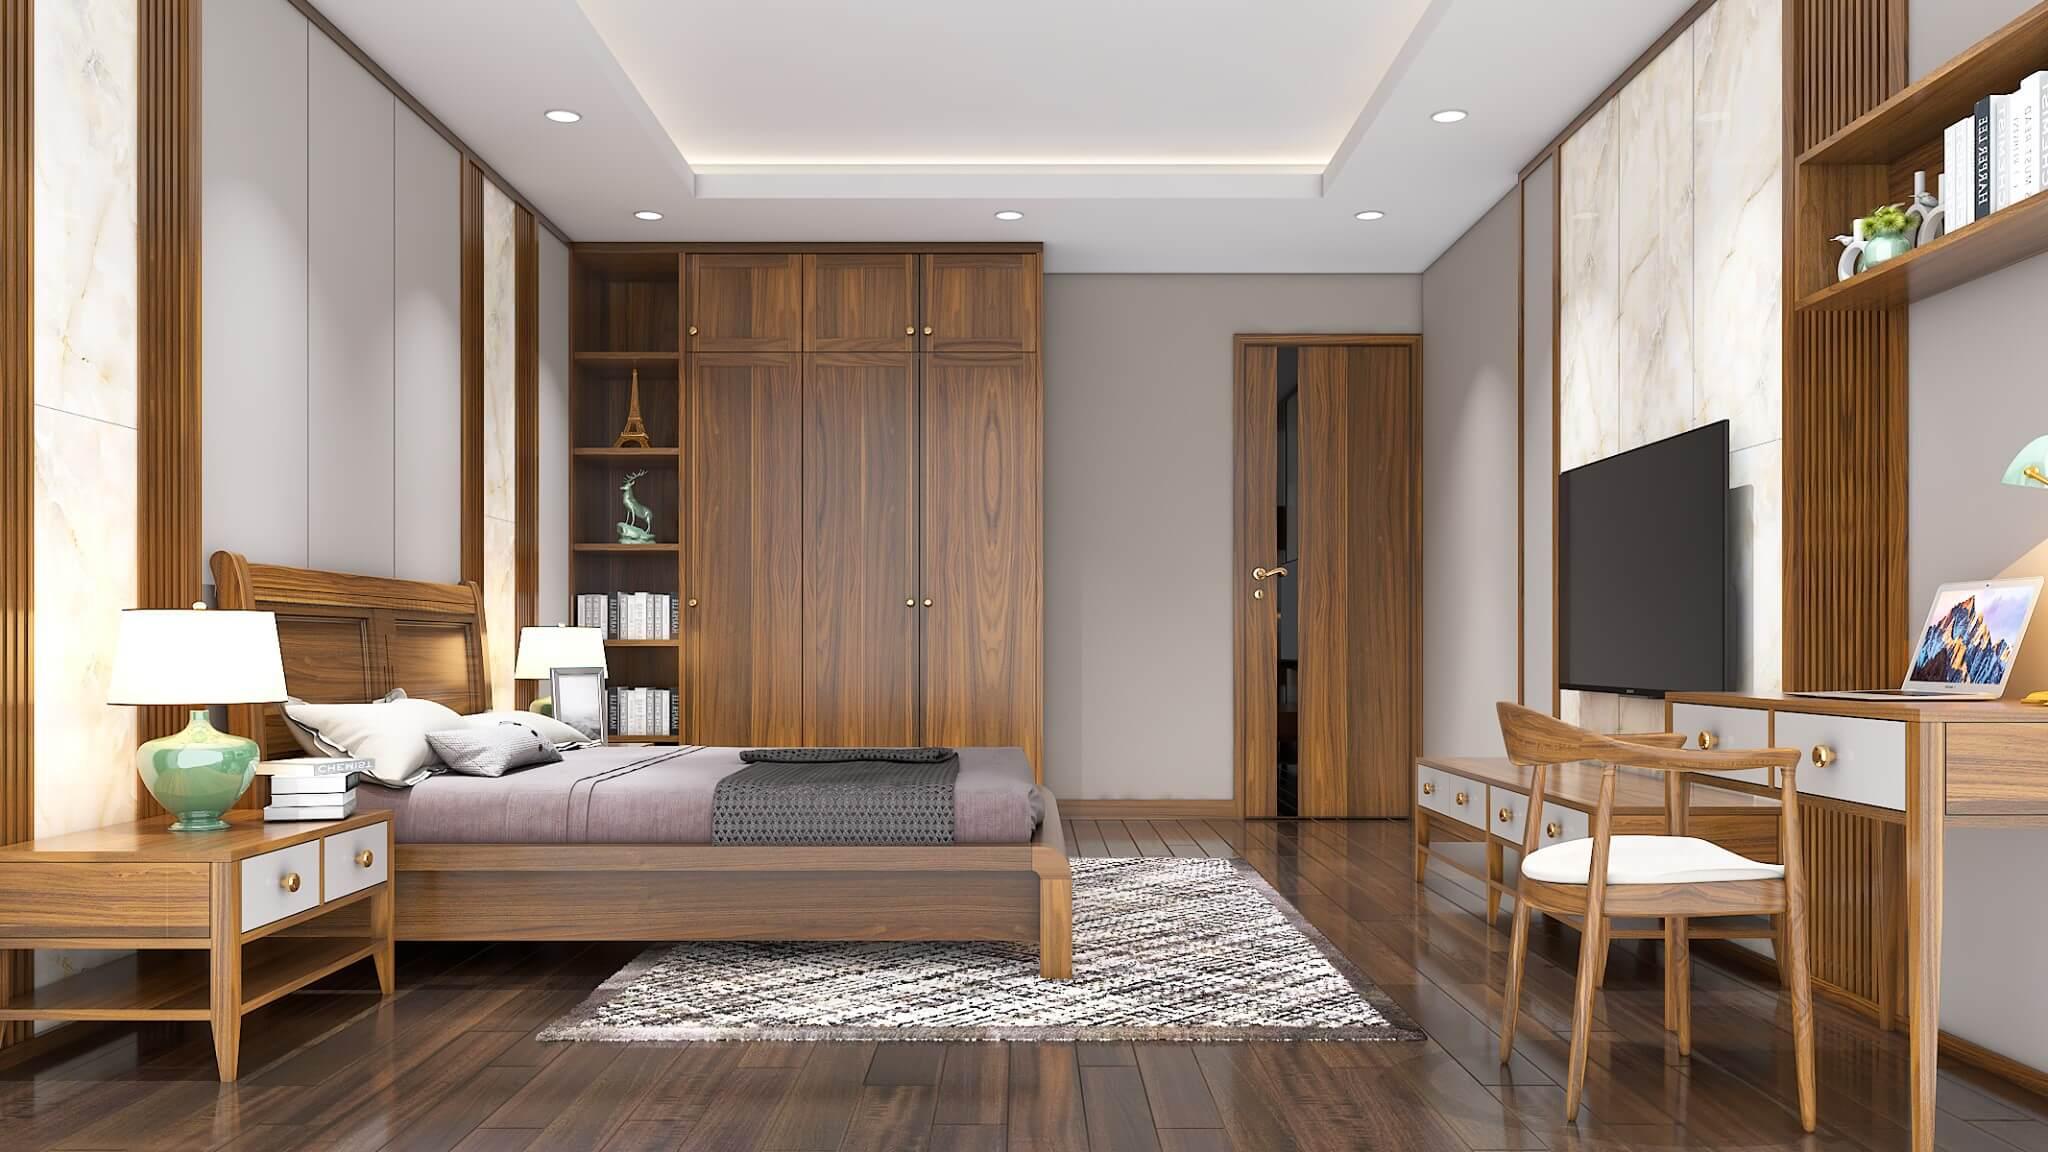 Thiết kế phòng ngủ với vách ốp gỗ làm điểm nhấn